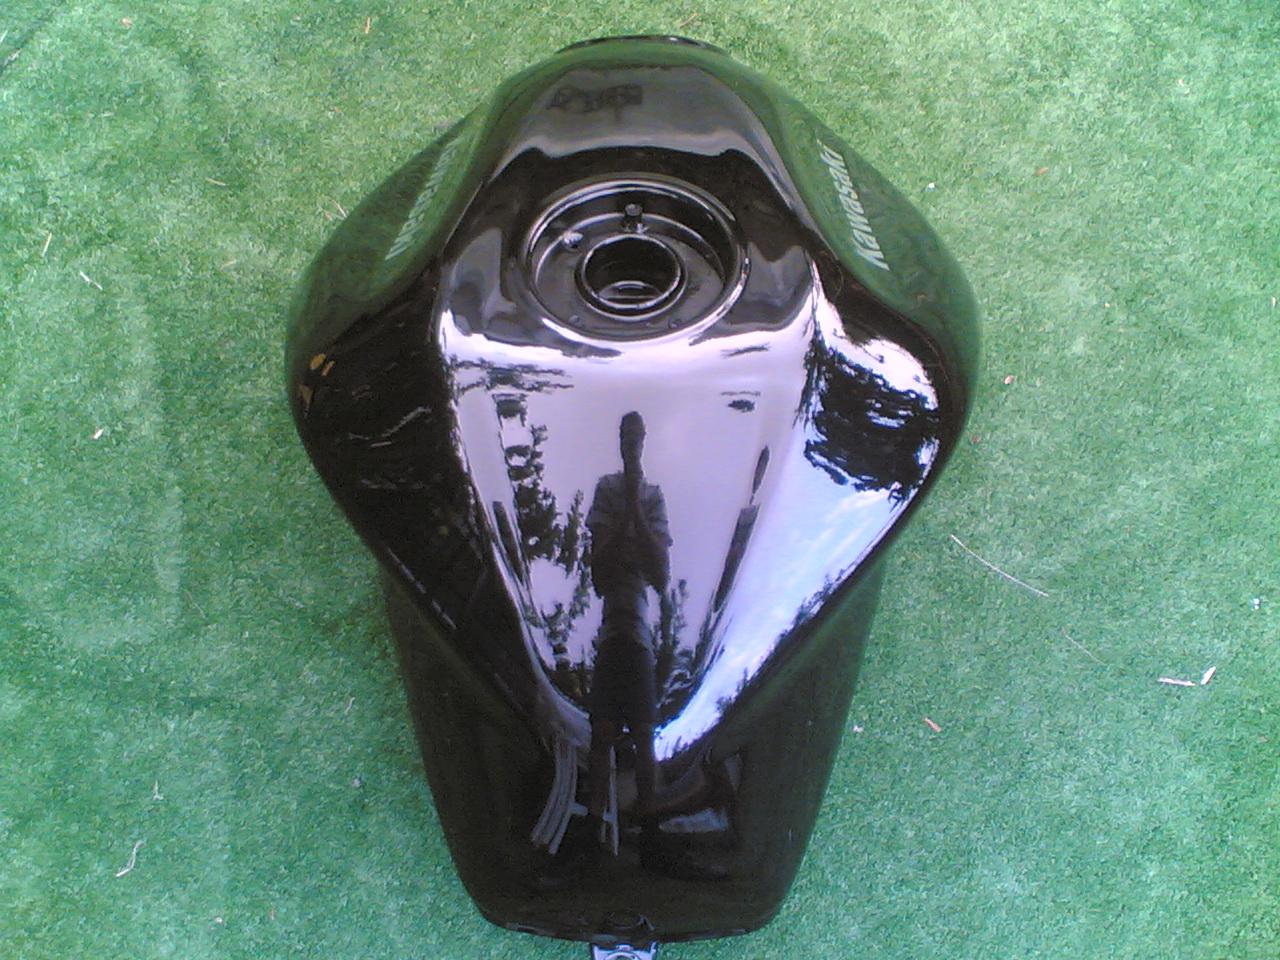 ricambi usati - moto - accessori - - - - - - - - genuine spare